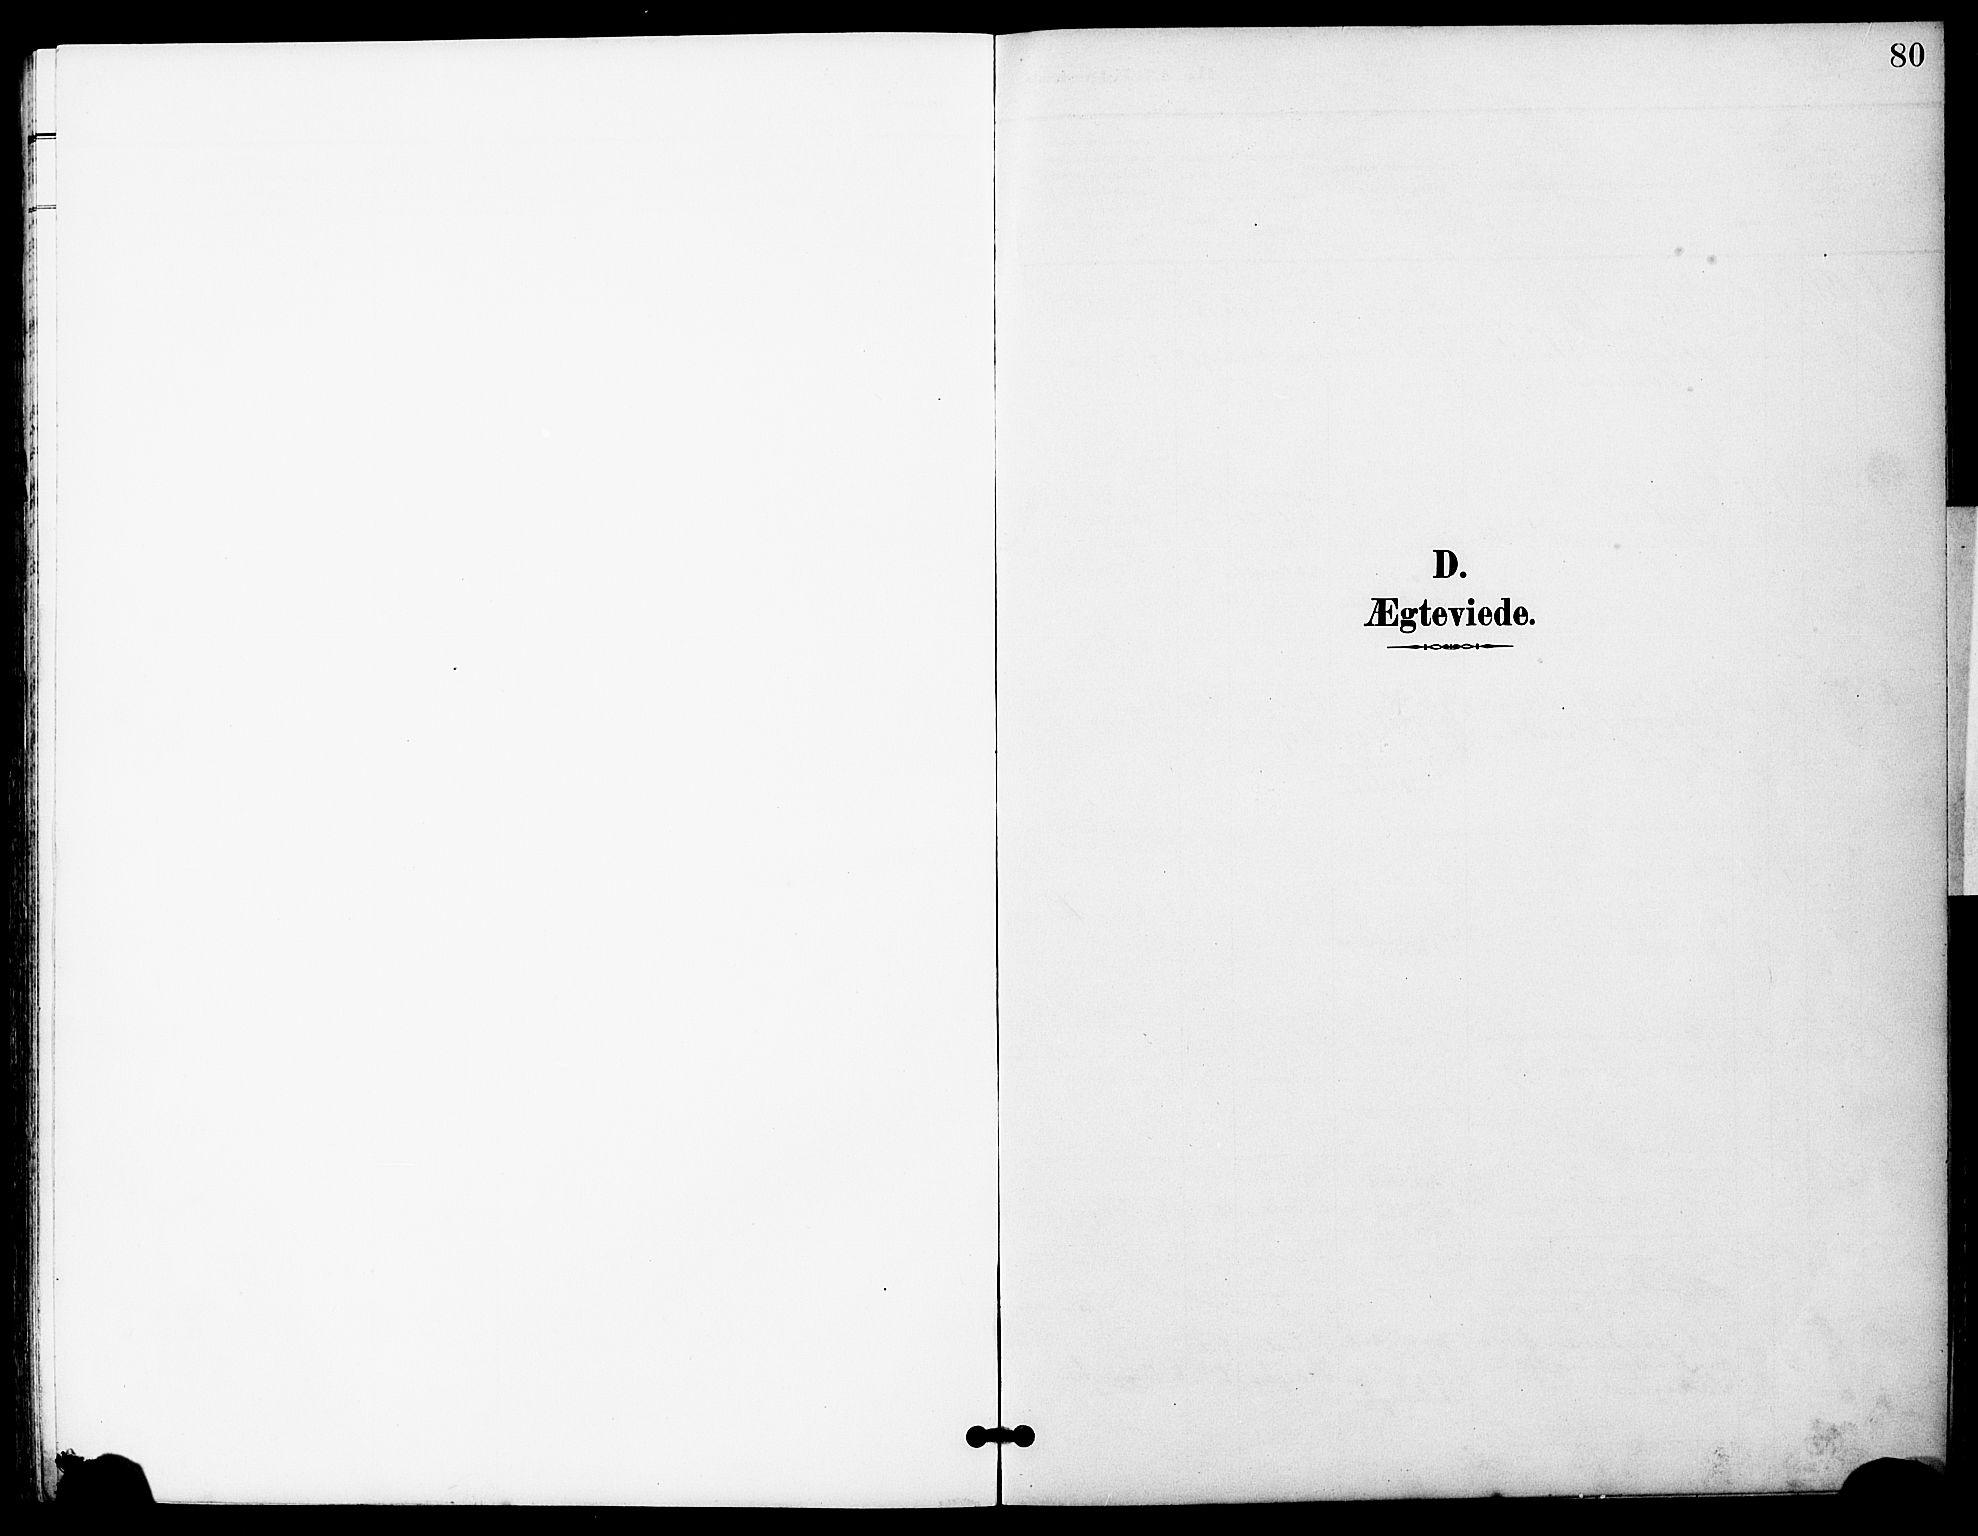 SAT, Ministerialprotokoller, klokkerbøker og fødselsregistre - Sør-Trøndelag, 683/L0950: Klokkerbok nr. 683C02, 1897-1918, s. 80